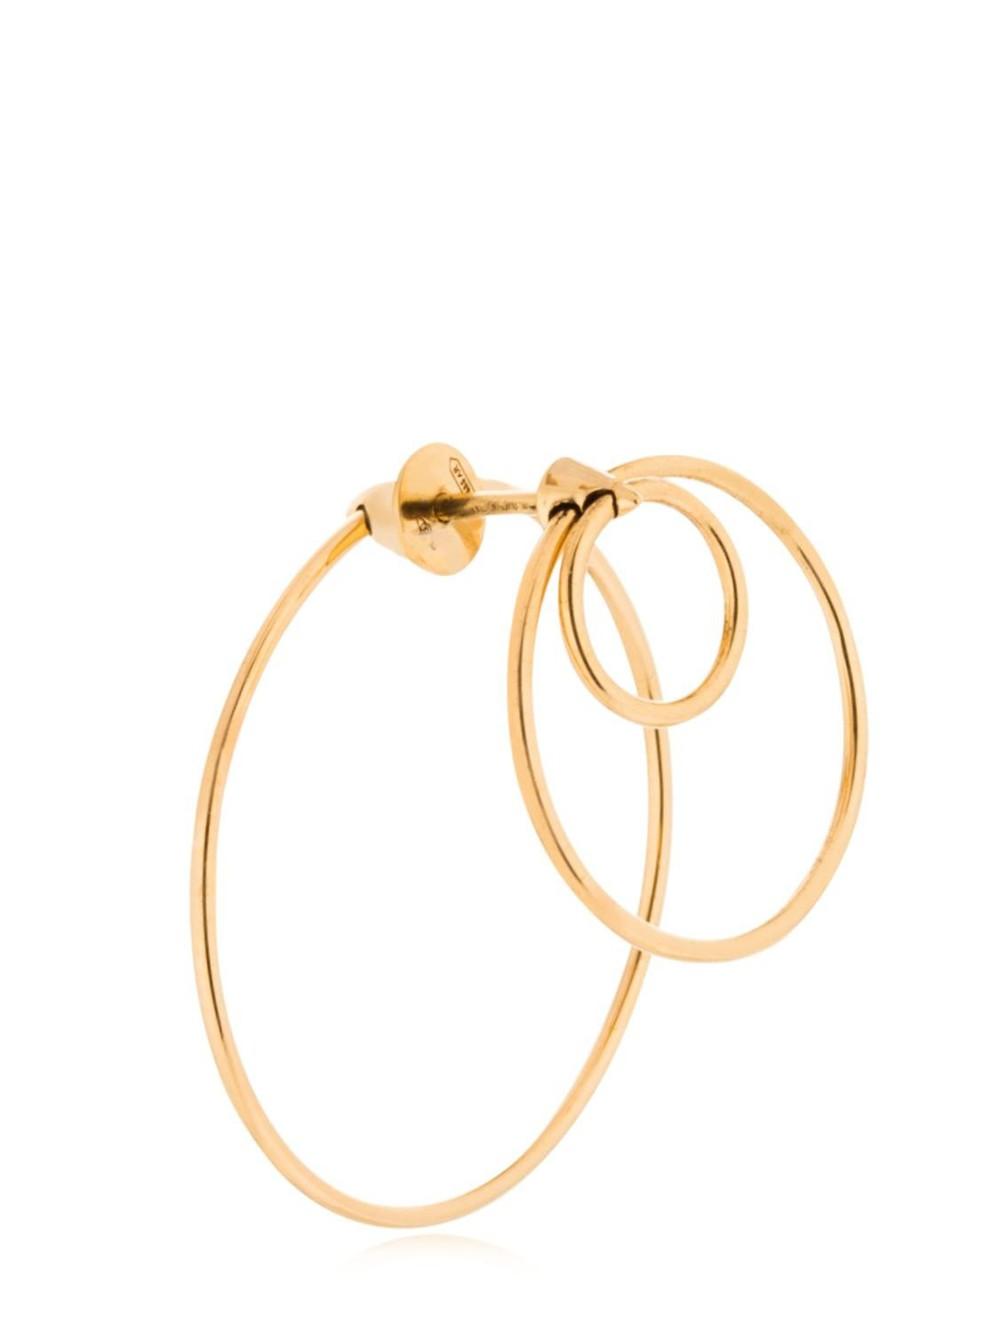 DELFINA DELETTREZ Twins Hoop Mono Earring in gold